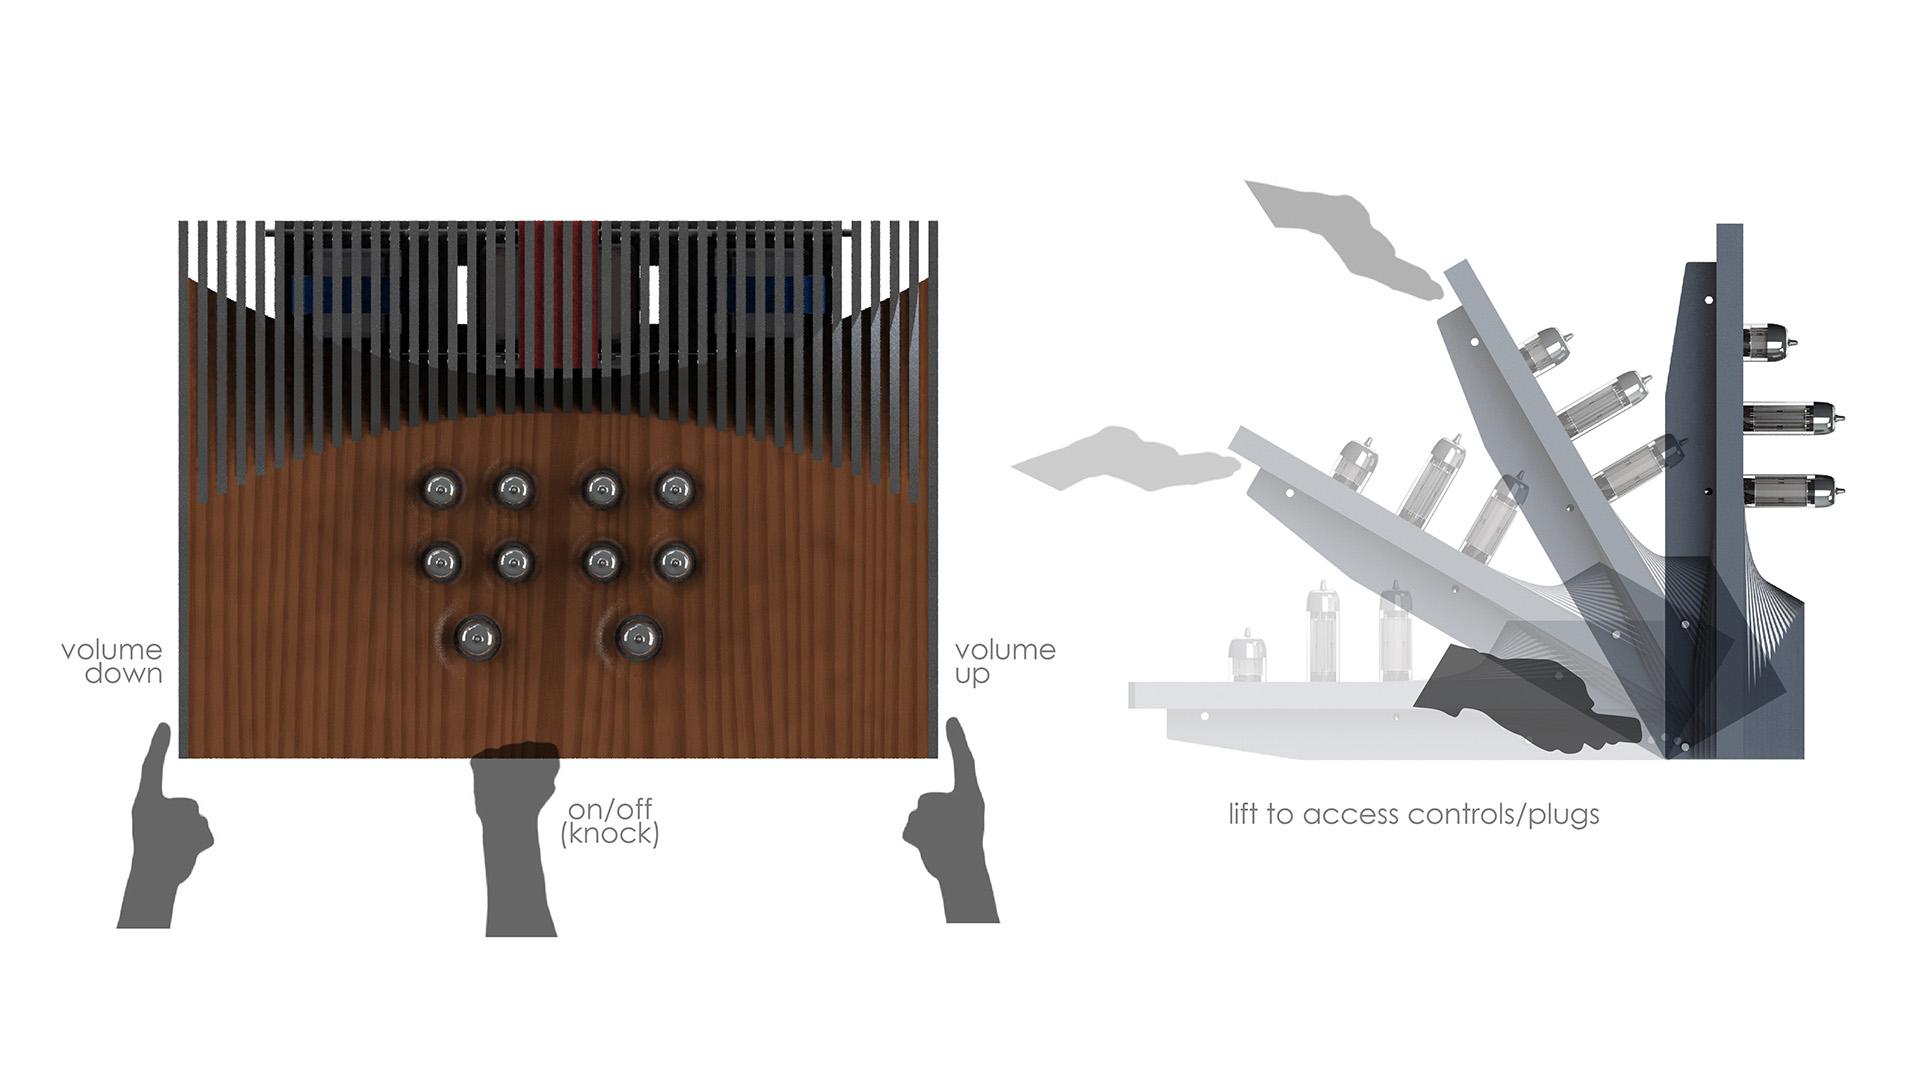 Louis_Elwood-Leach_amplifier_image5.jpg